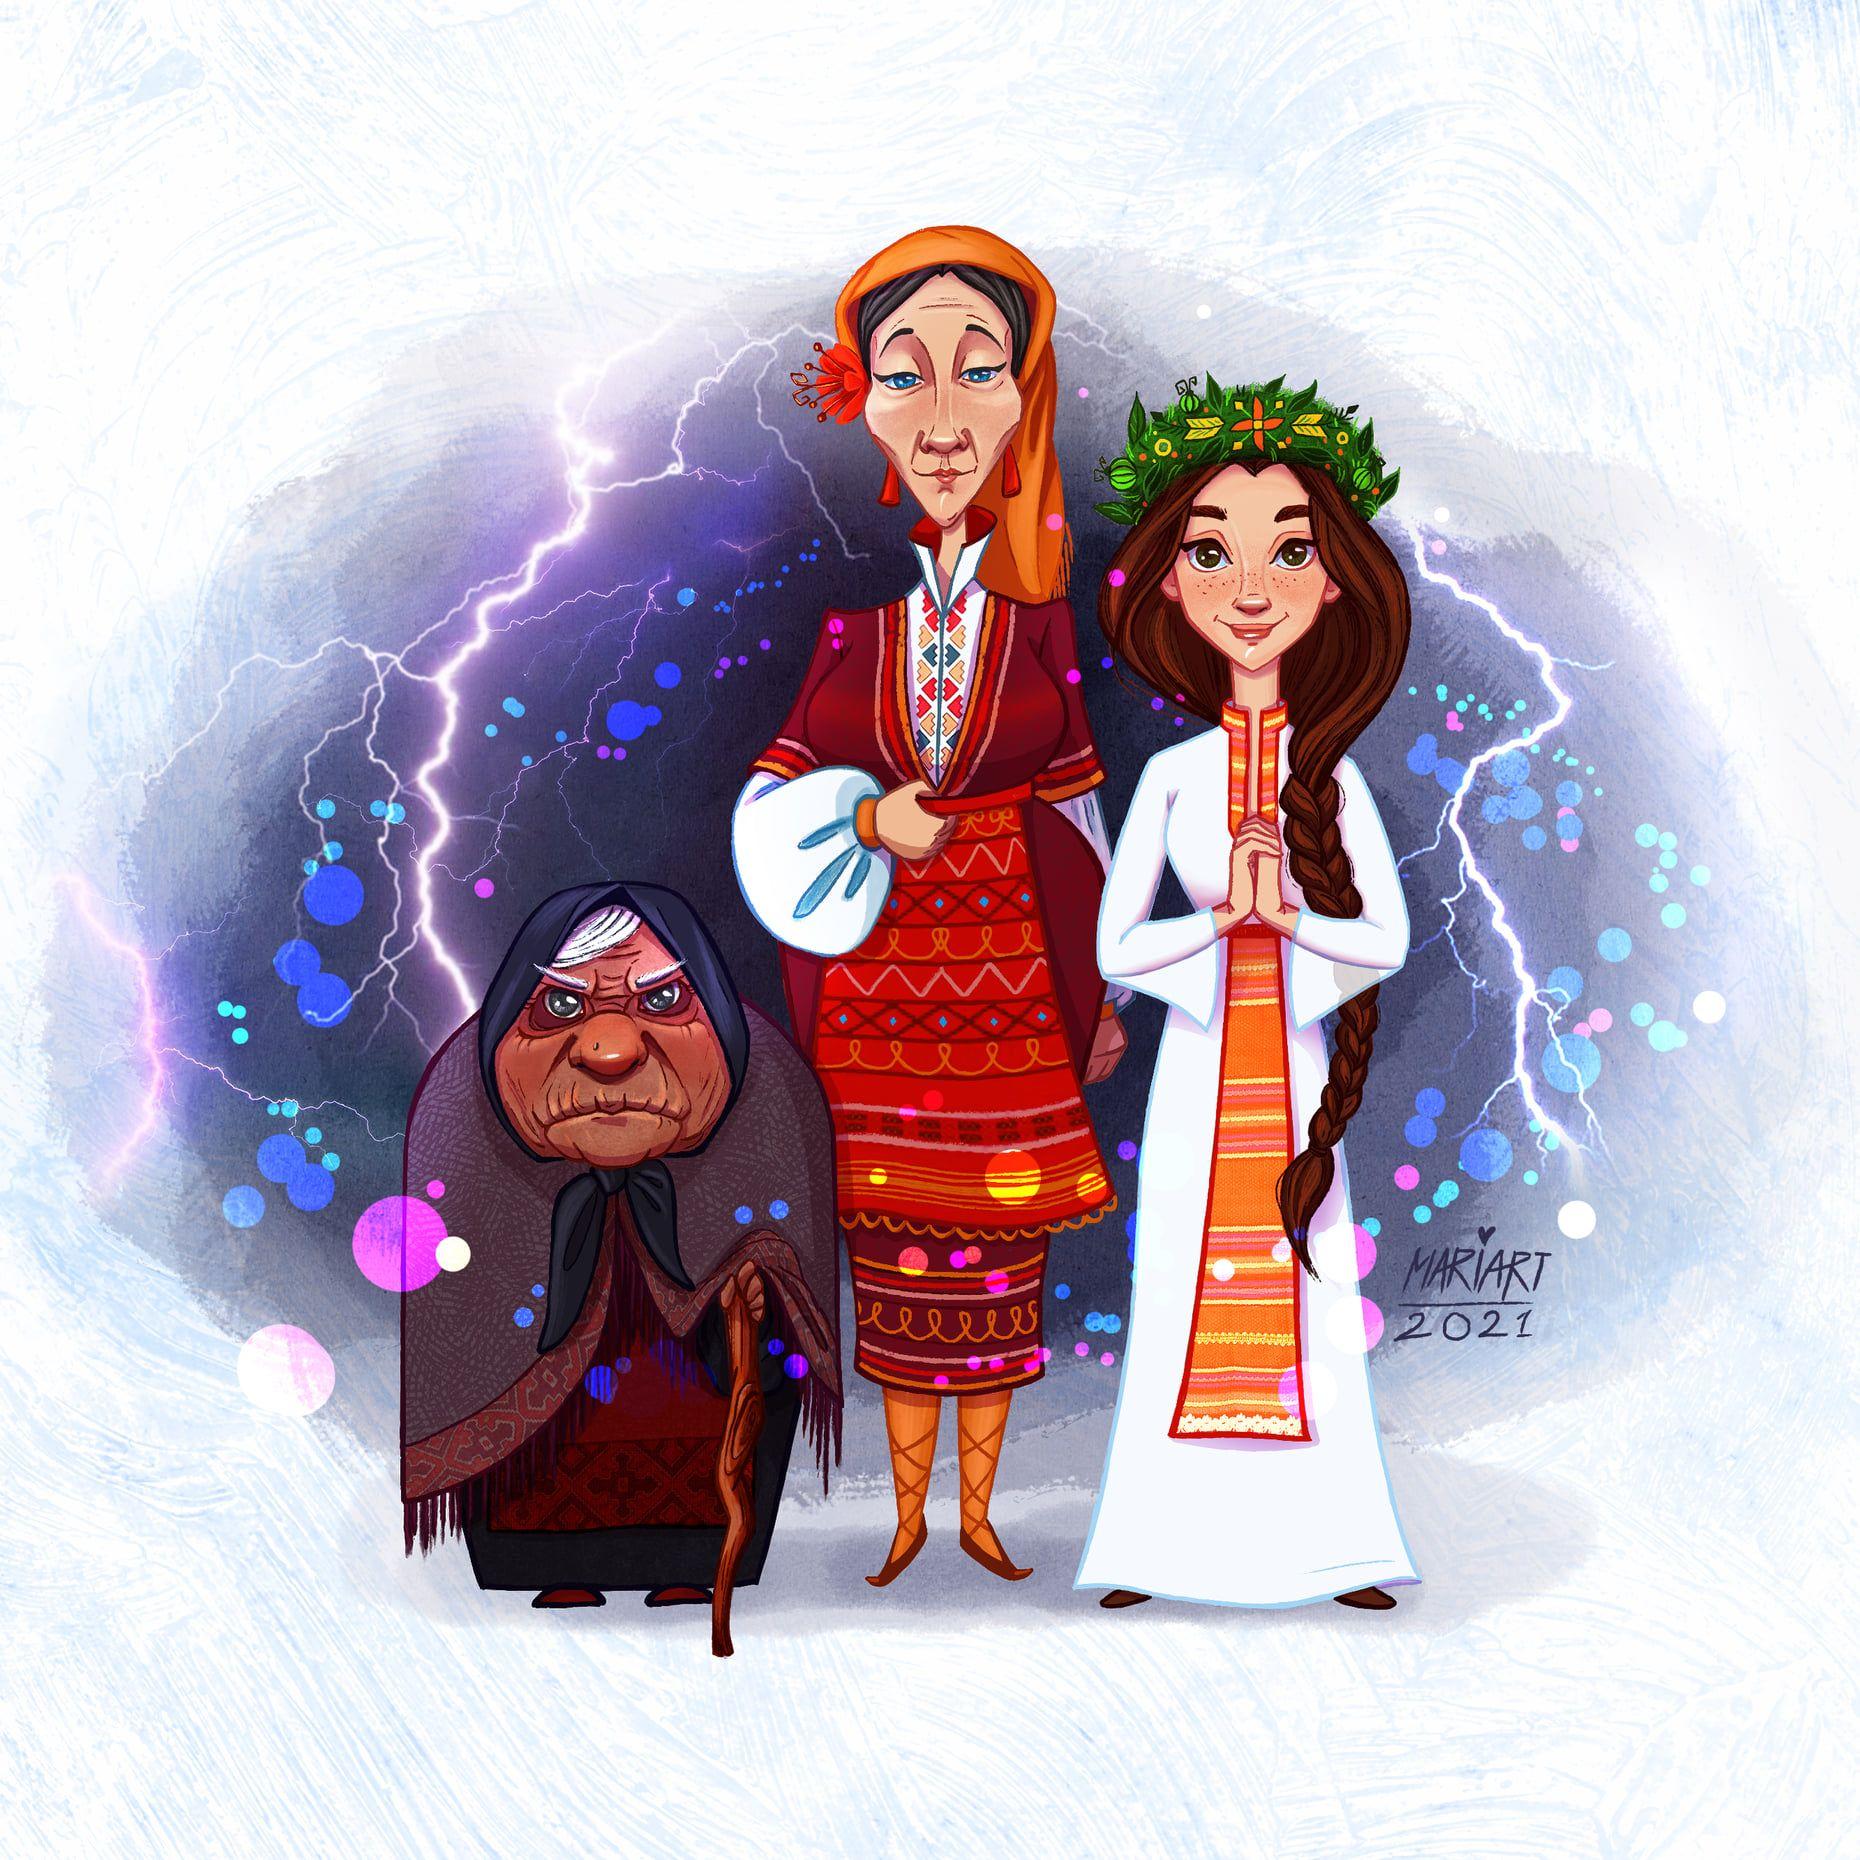 Героите са вдъхновени от българския фолклор